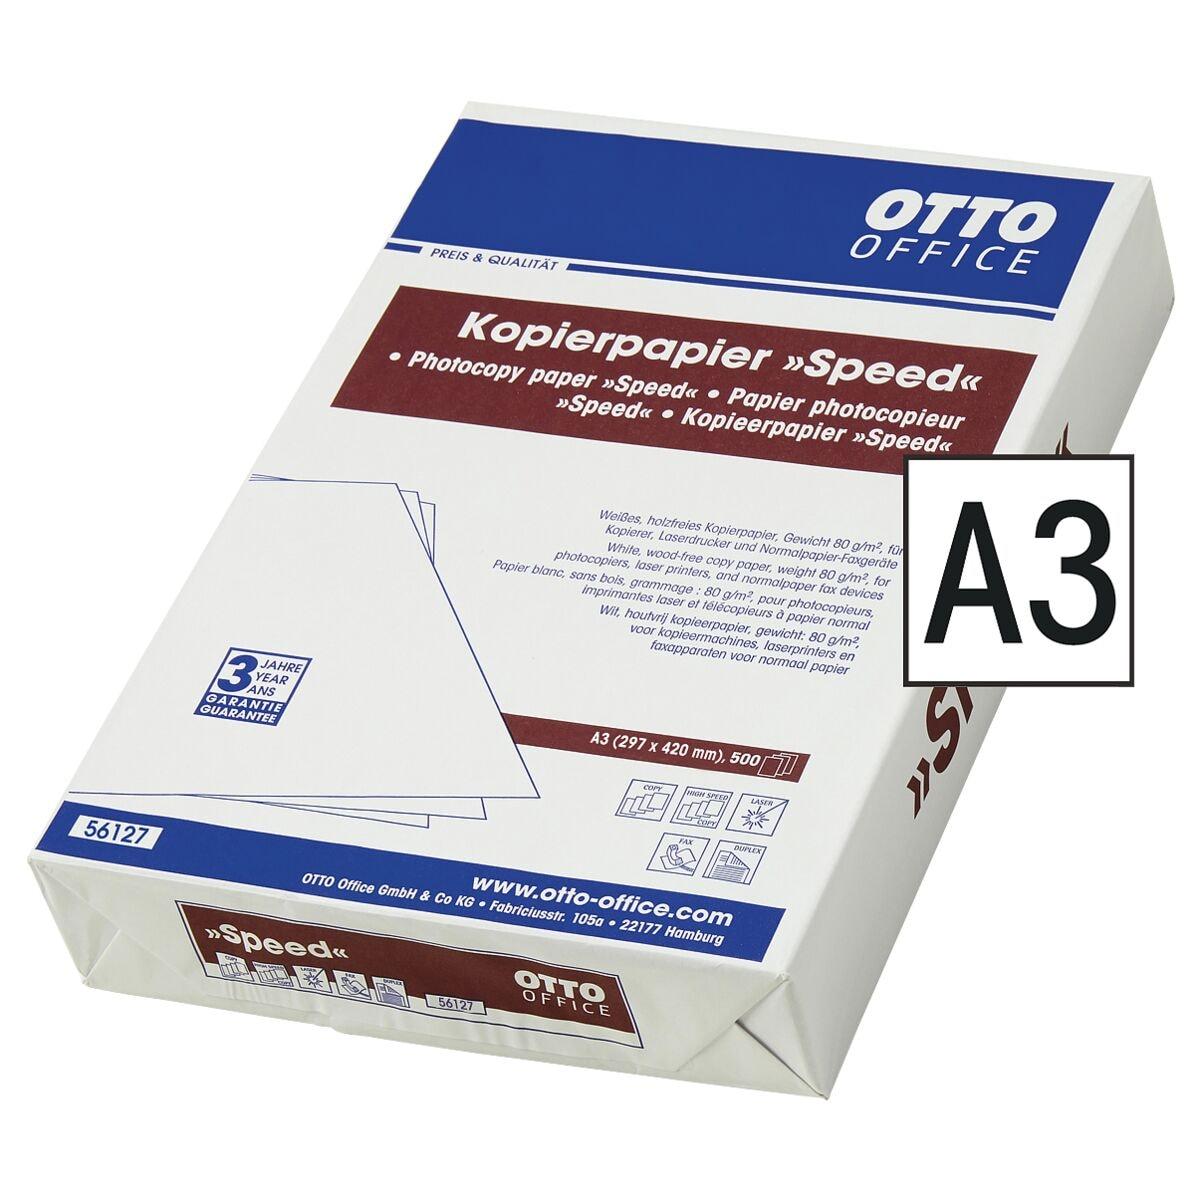 Kopierpapier A3 OTTO Office SPEED - 500 Blatt gesamt, 80g/qm